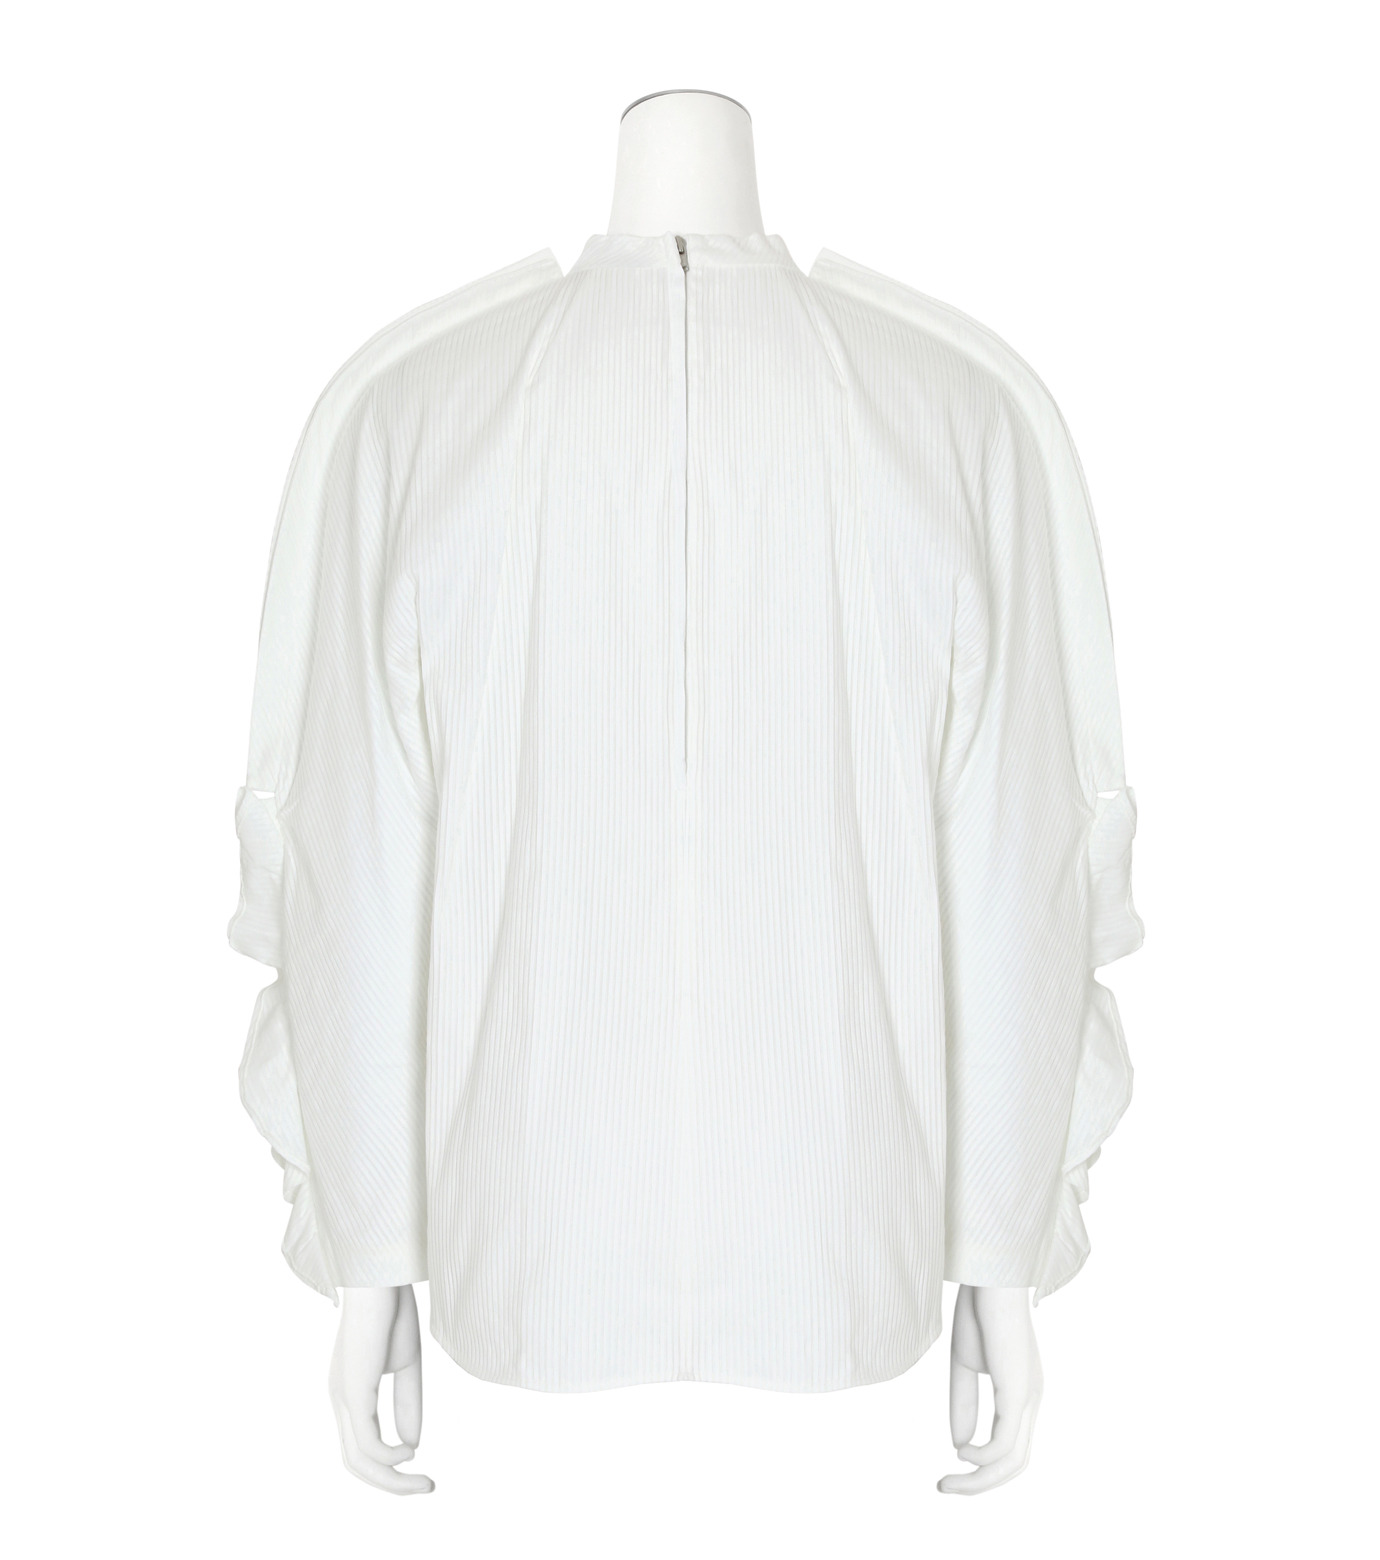 Toga(トーガ)のSatin Shirt-WHITE(BLOUSE/BLOUSE)-TA62-FJ043-4 拡大詳細画像2